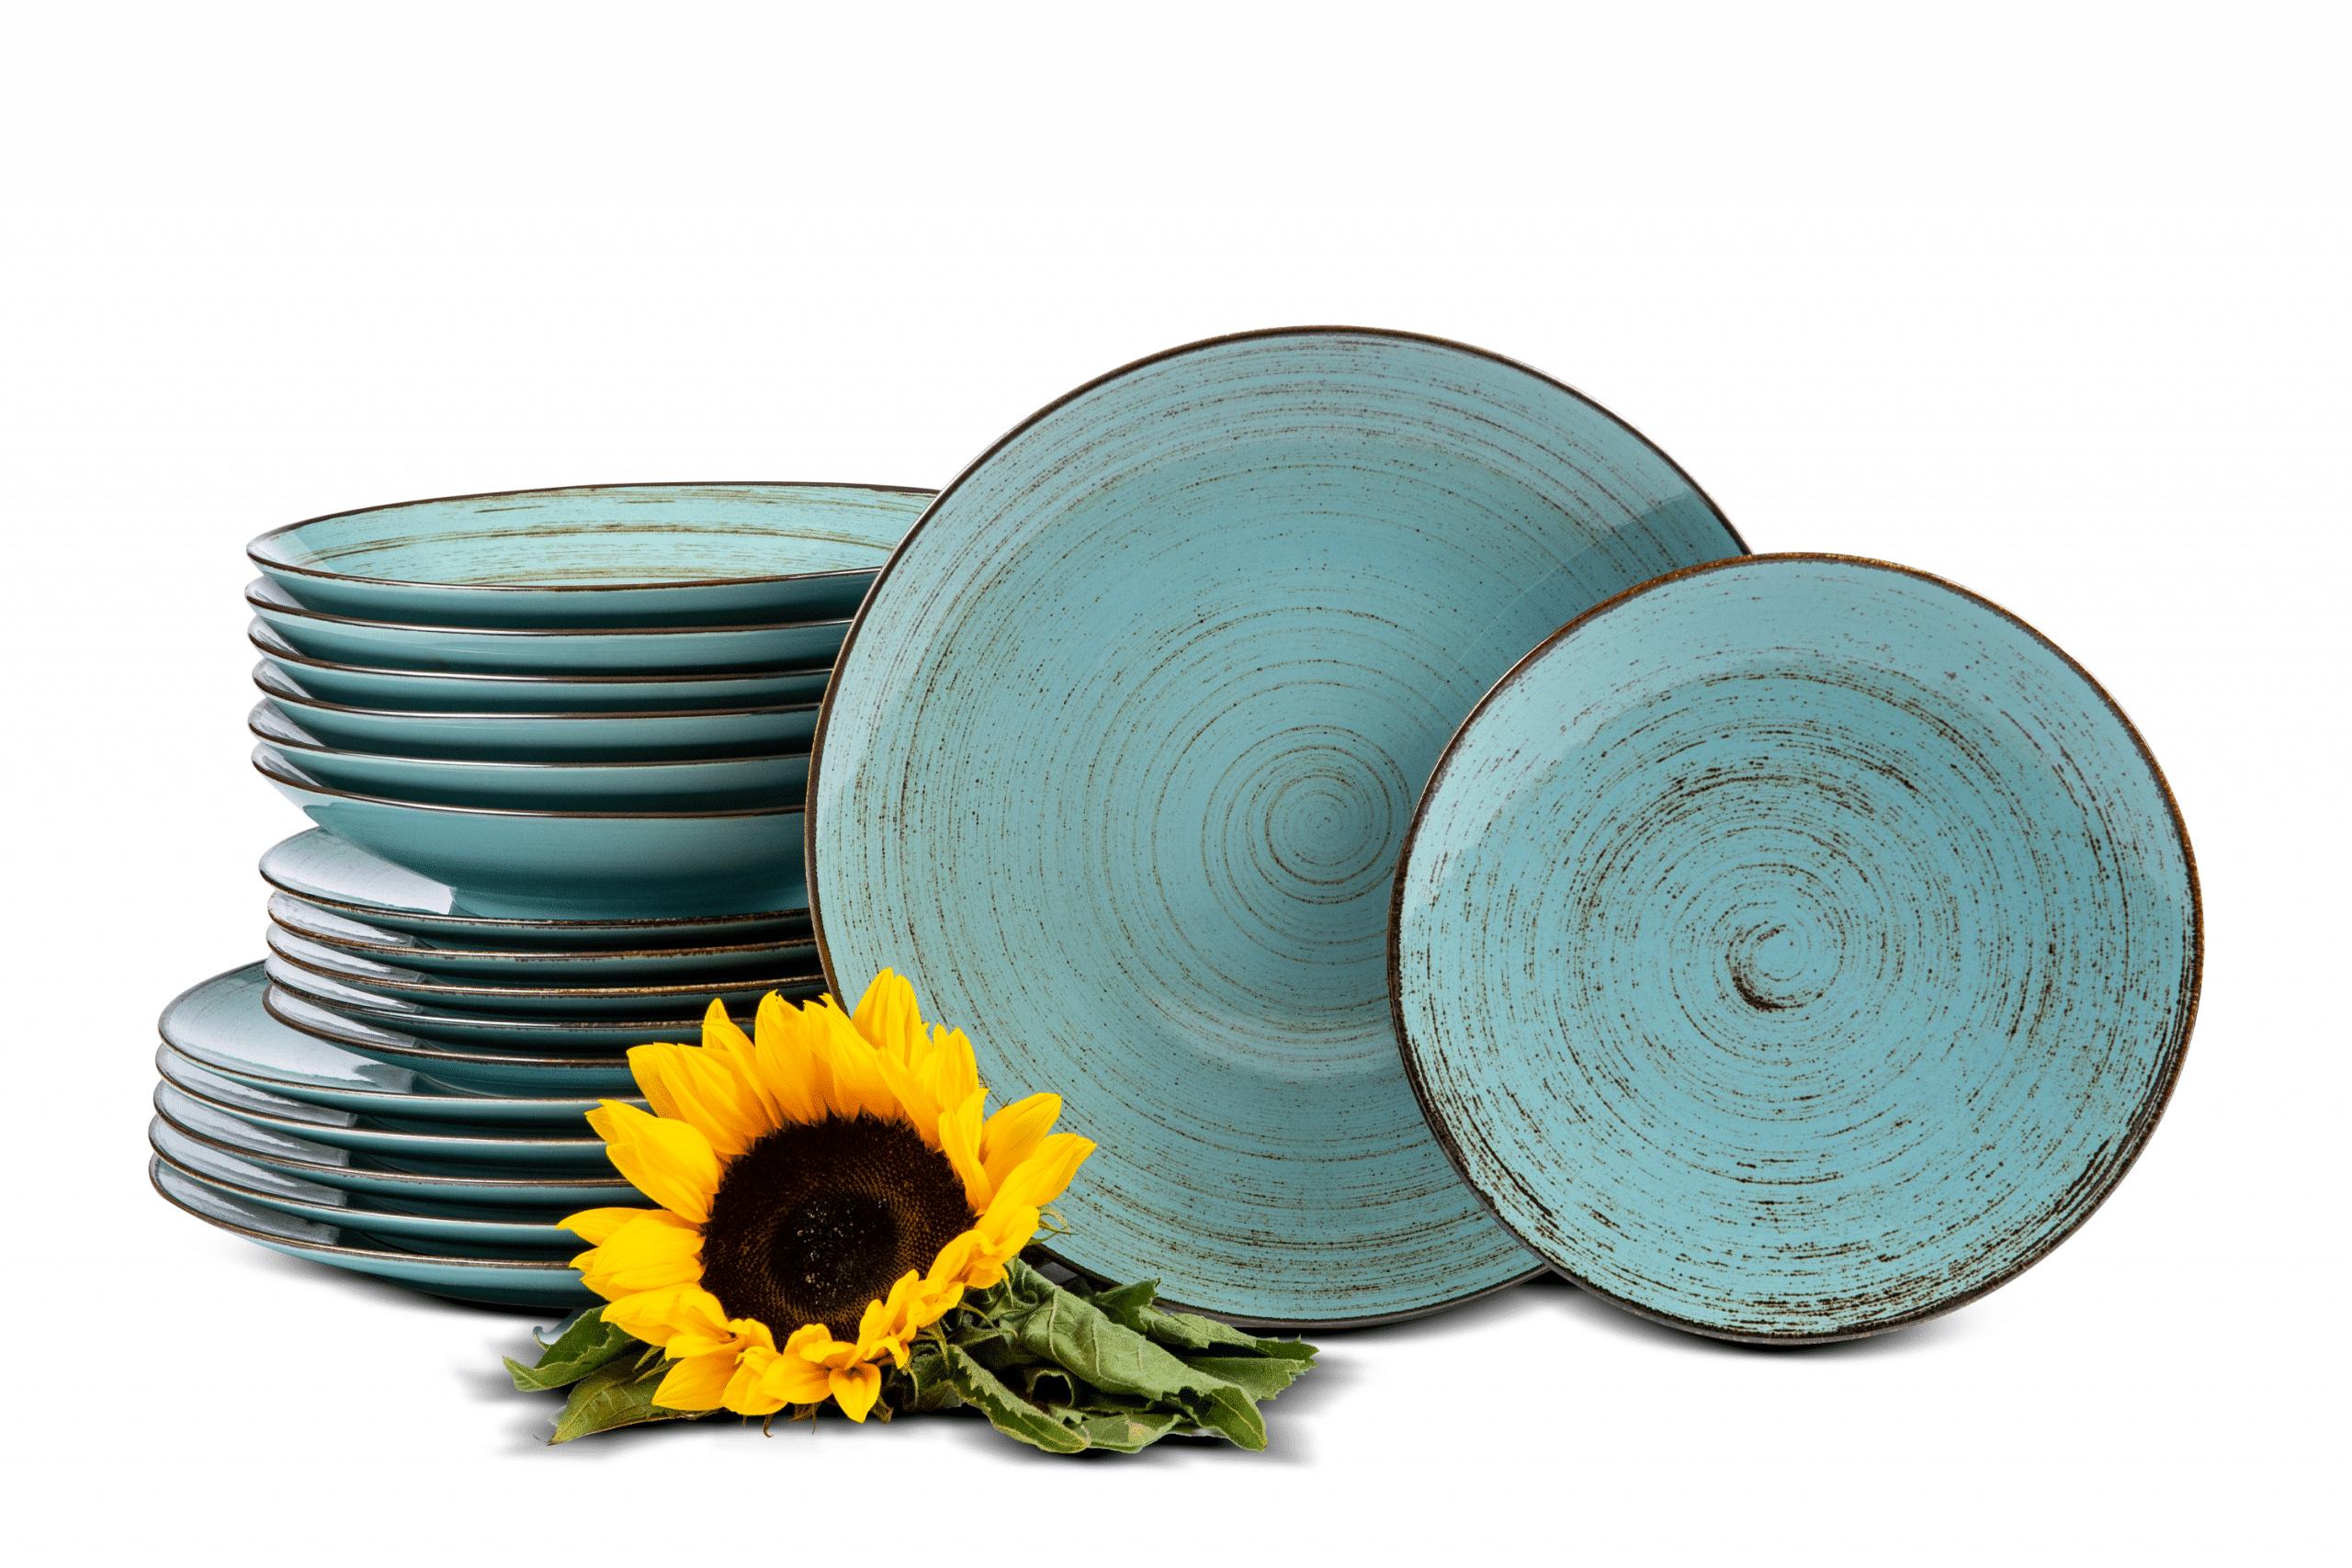 Serwis obiadowy polska porcelana Nostalgia Opal dla 6 os.